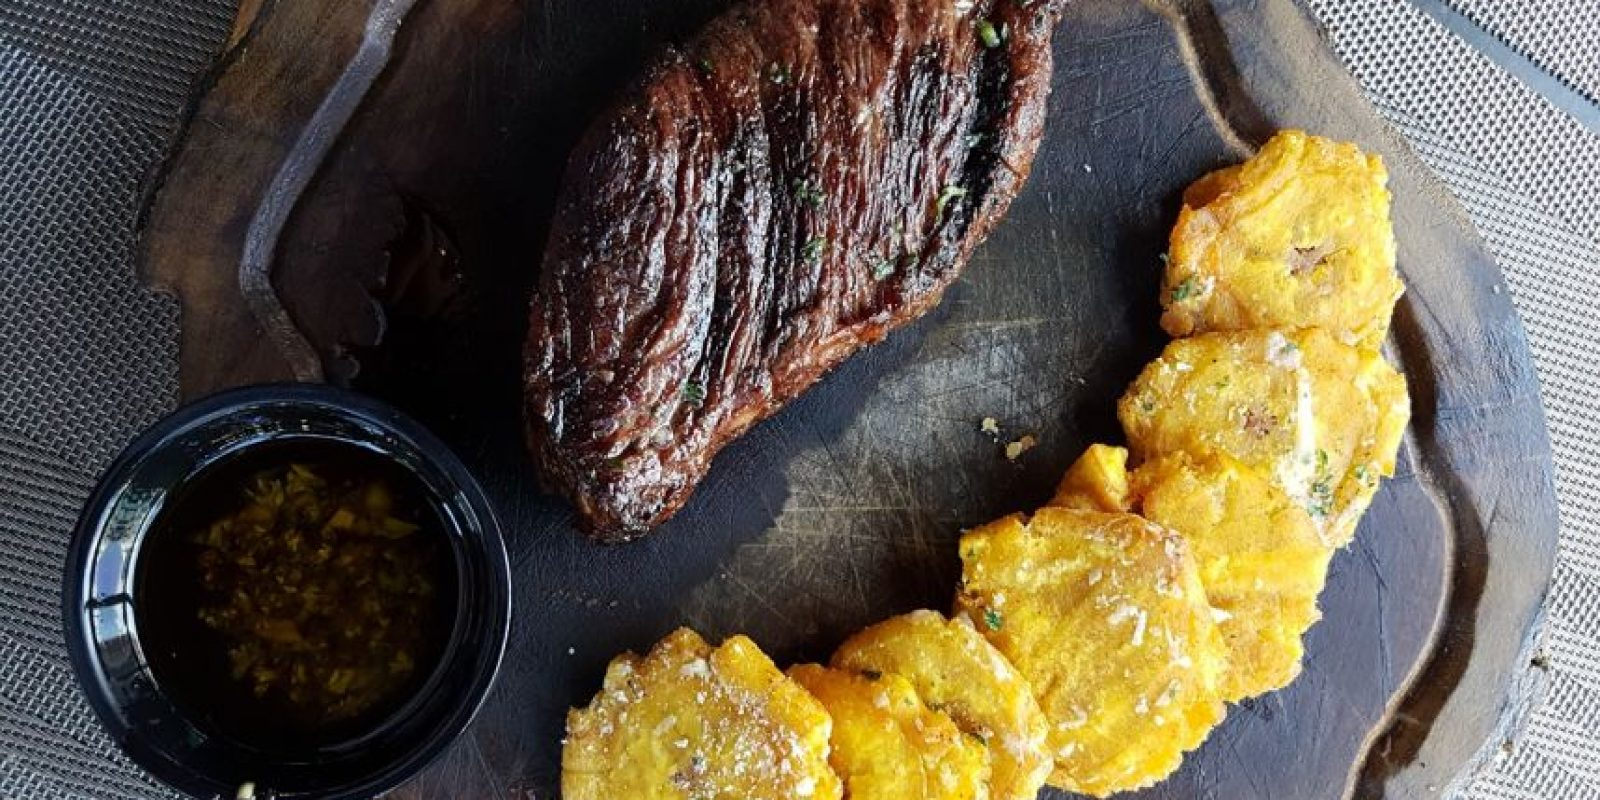 """Cortes al grill. El restaurante cuenta con una excelente selección de cortes, a la parrilla. Esta es su """"Picaña"""", con """"Tostones trufados"""". Foto:Fuente externa"""